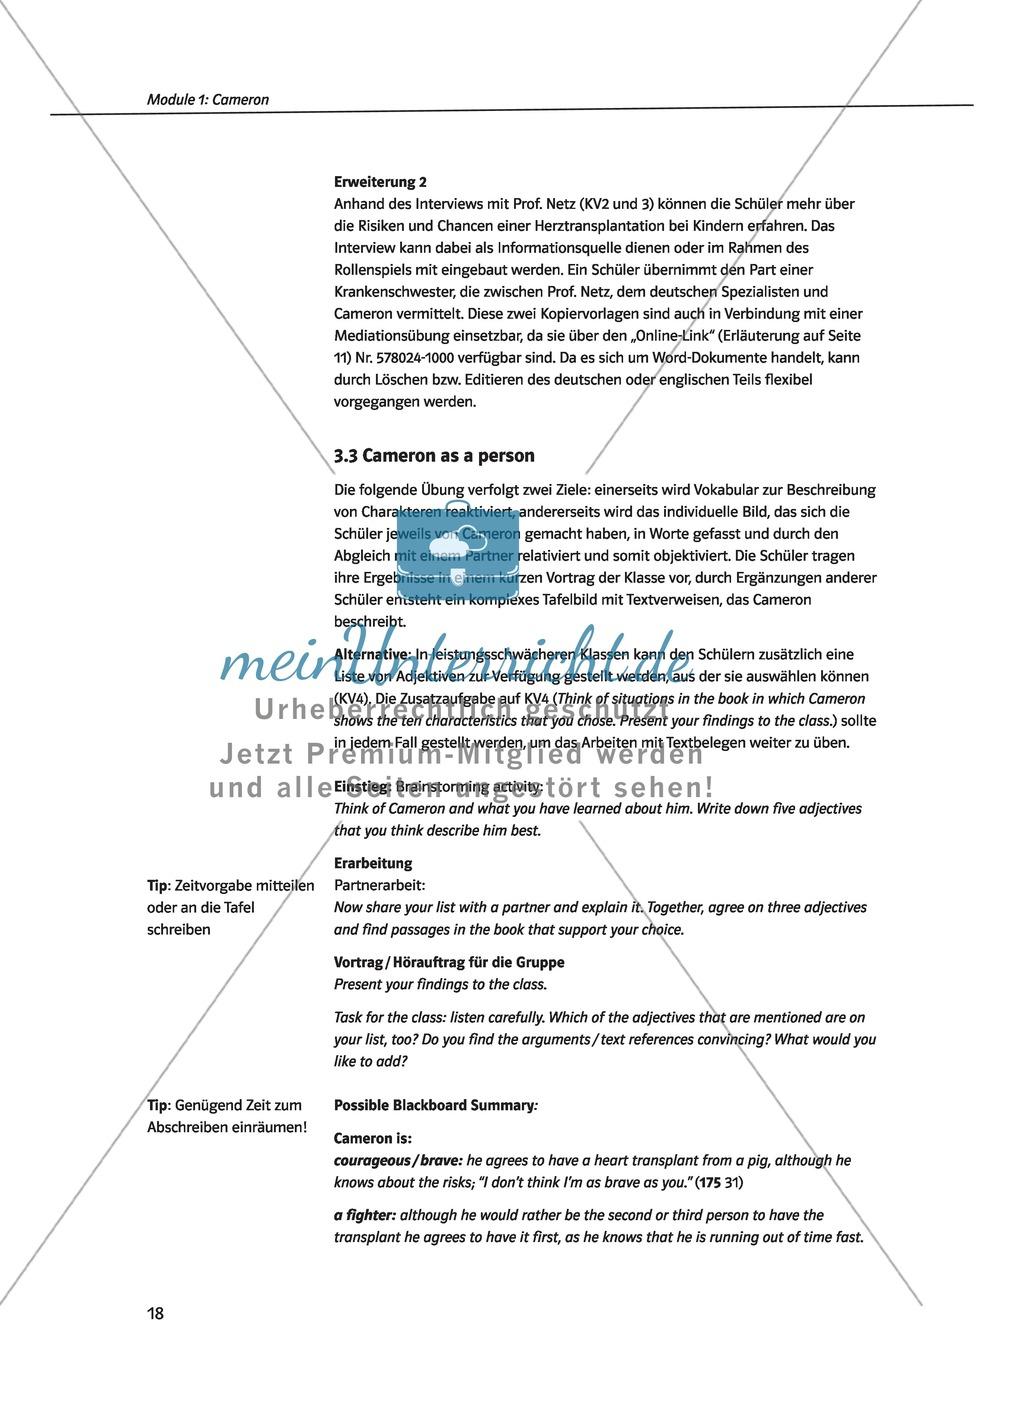 Cameron as the main character: Direct and indirect characterisation. Mit didaktischen Anmerkungen, Kopiervorlagen, Vokabelanmerkungen und Lösungsvorschlägen. Preview 2